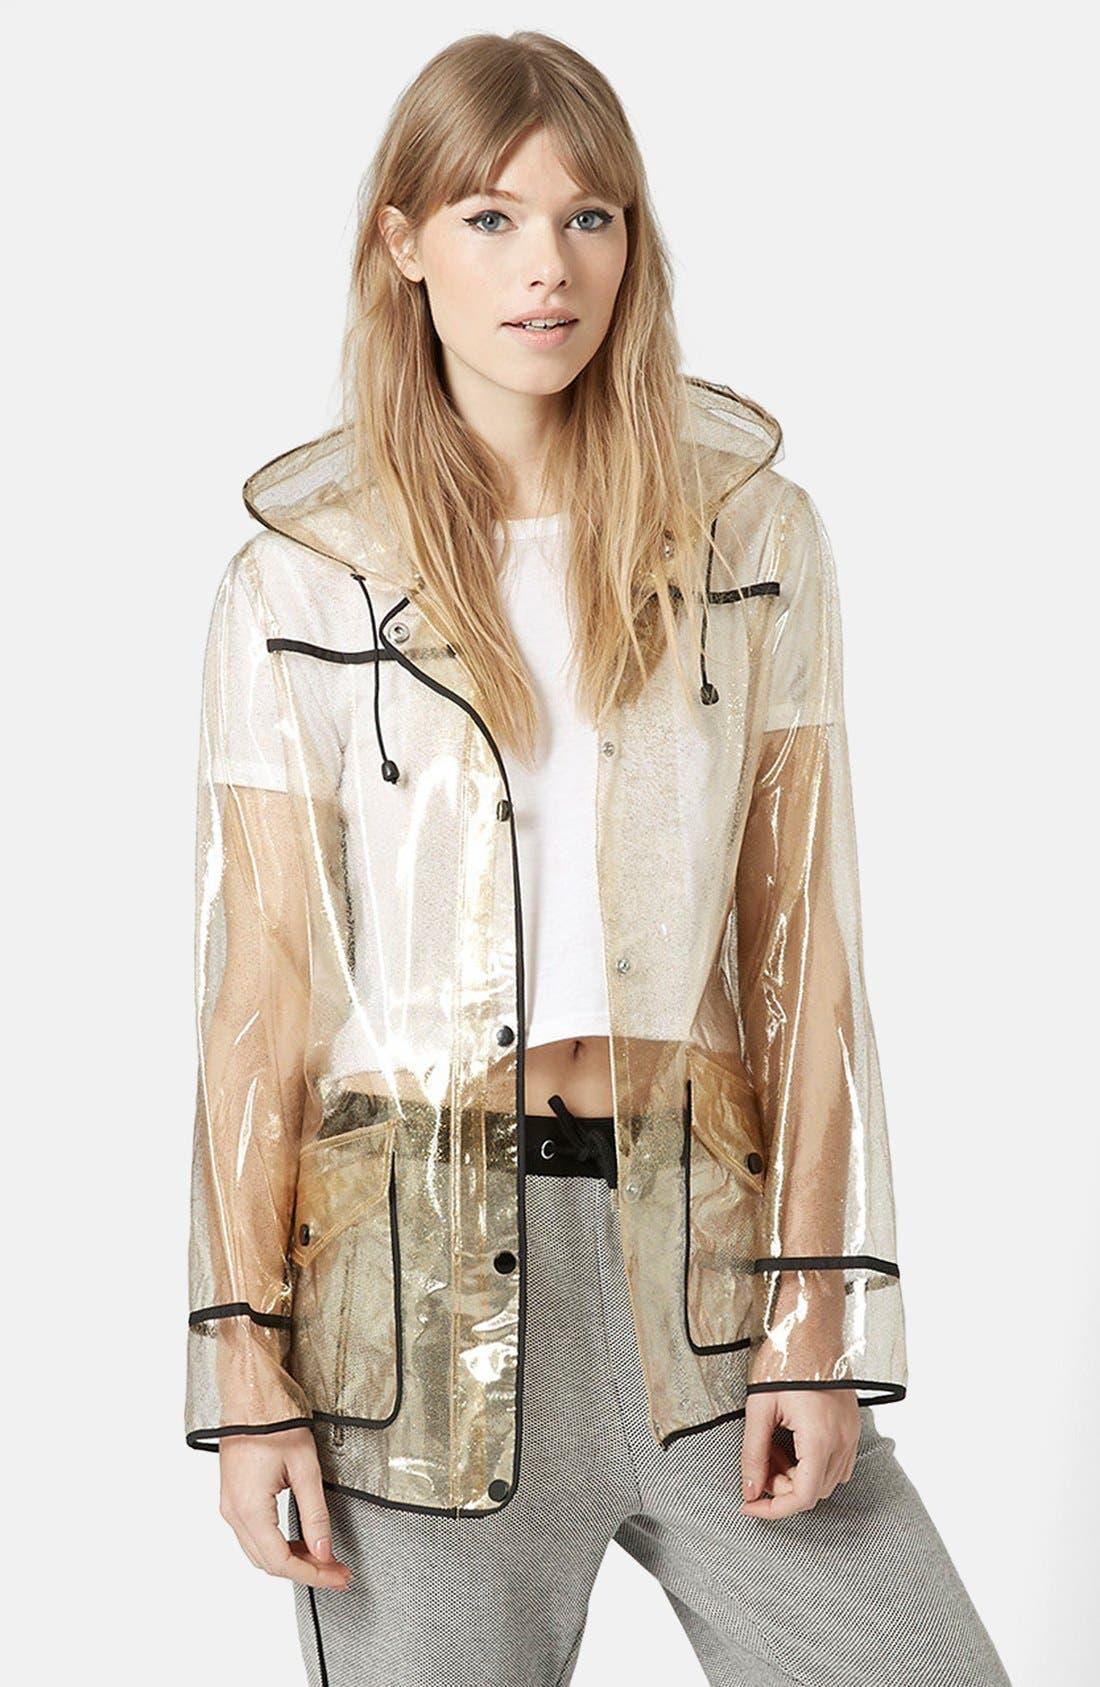 Gold Glitter Transparent Plastic Rain Jacket,                             Main thumbnail 1, color,                             710